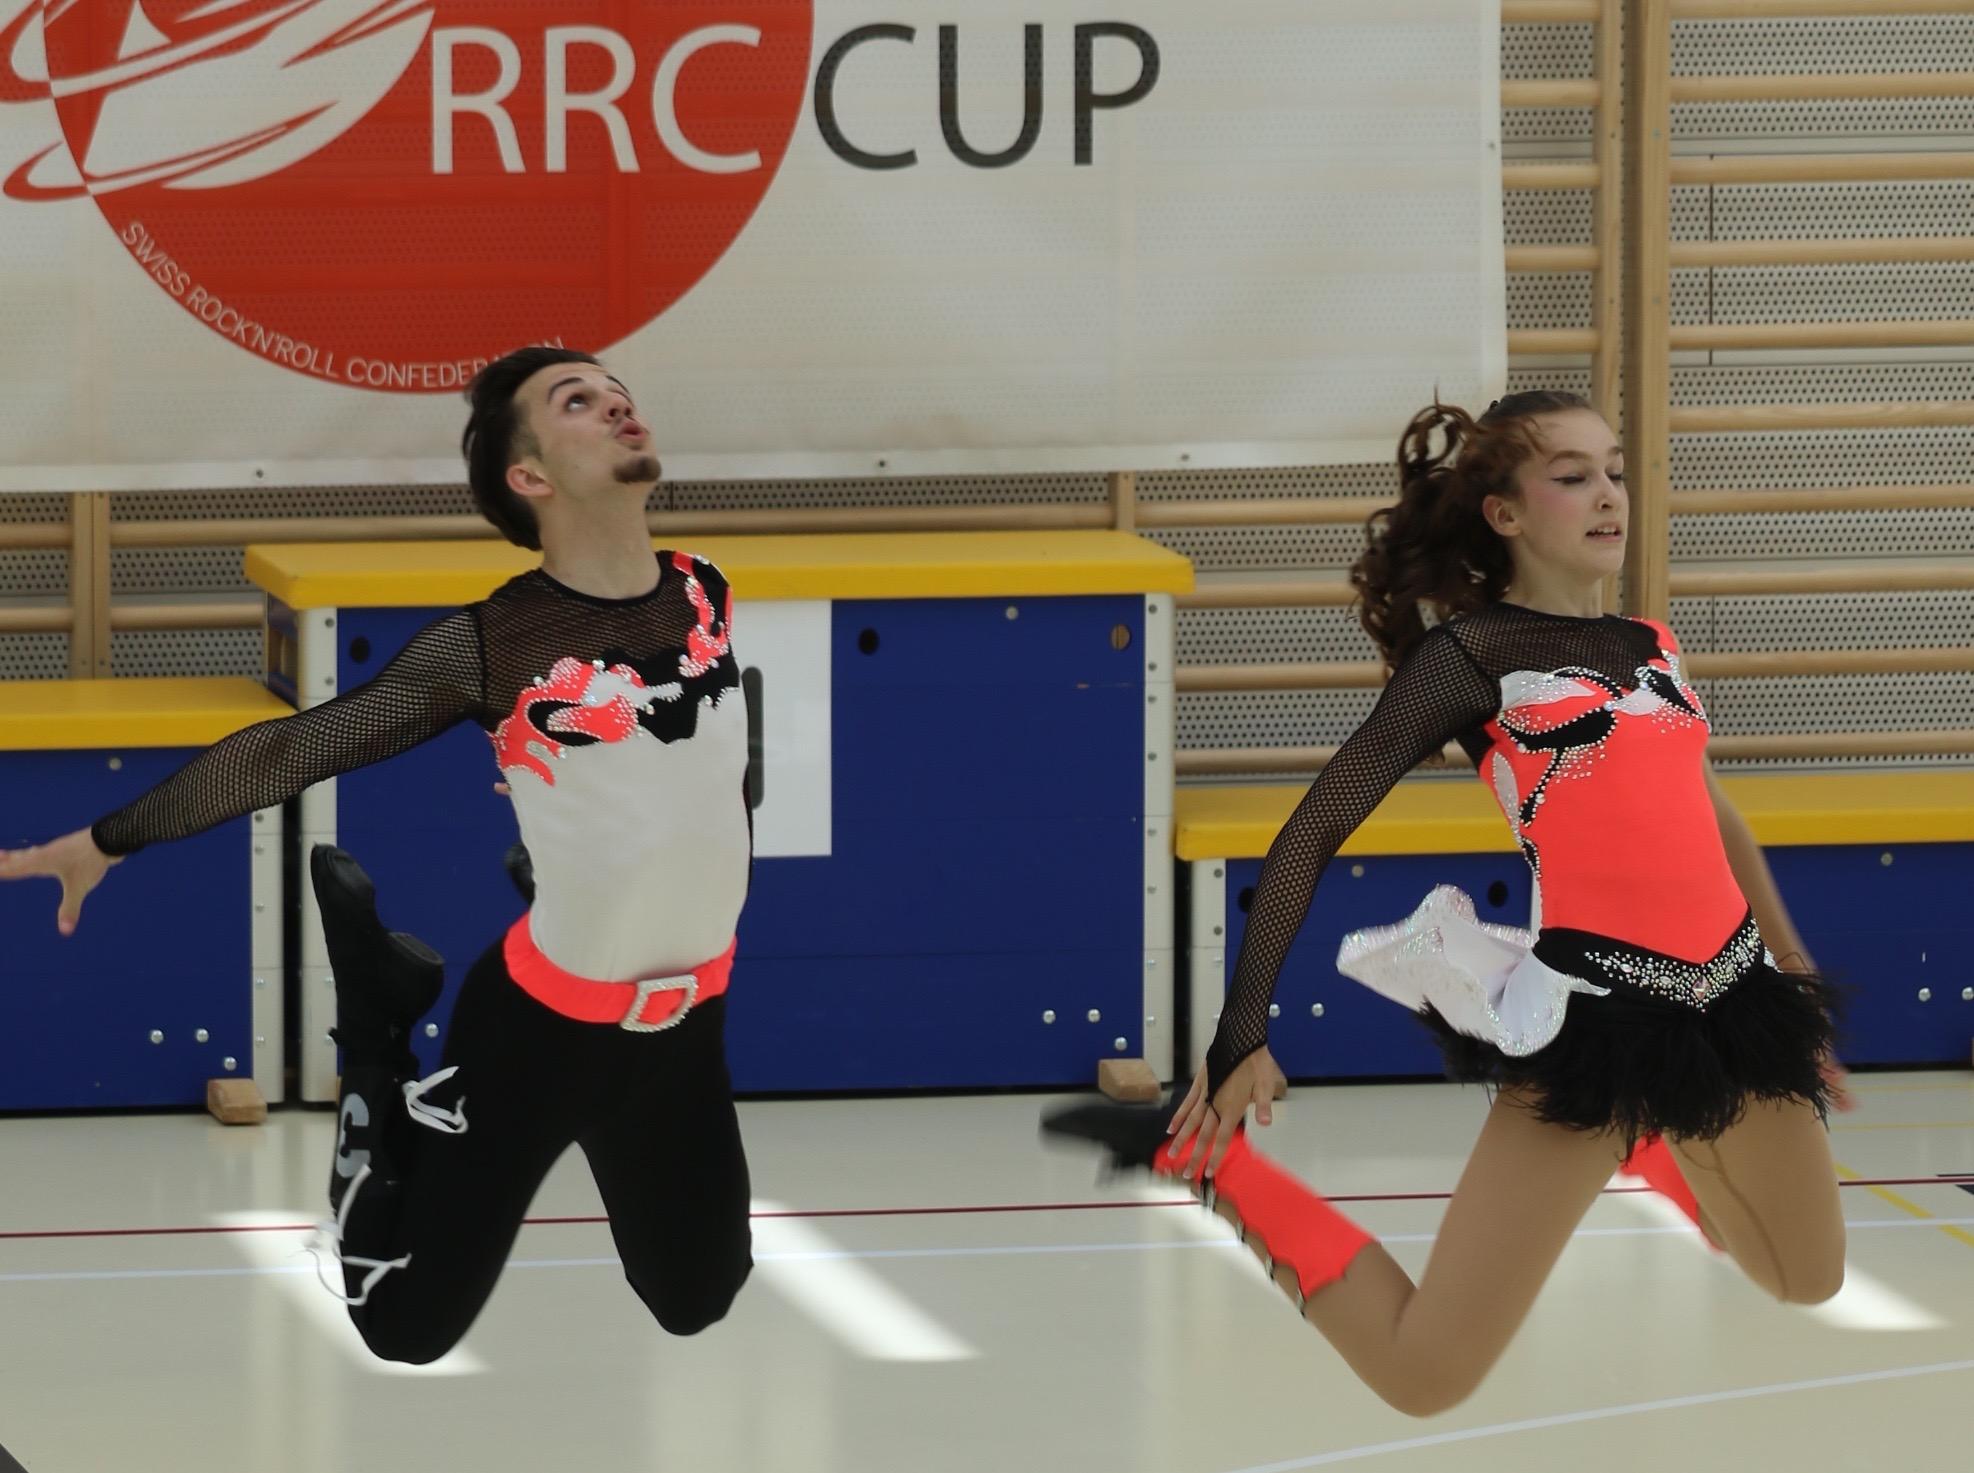 SRRC Cup Vouvry 2018